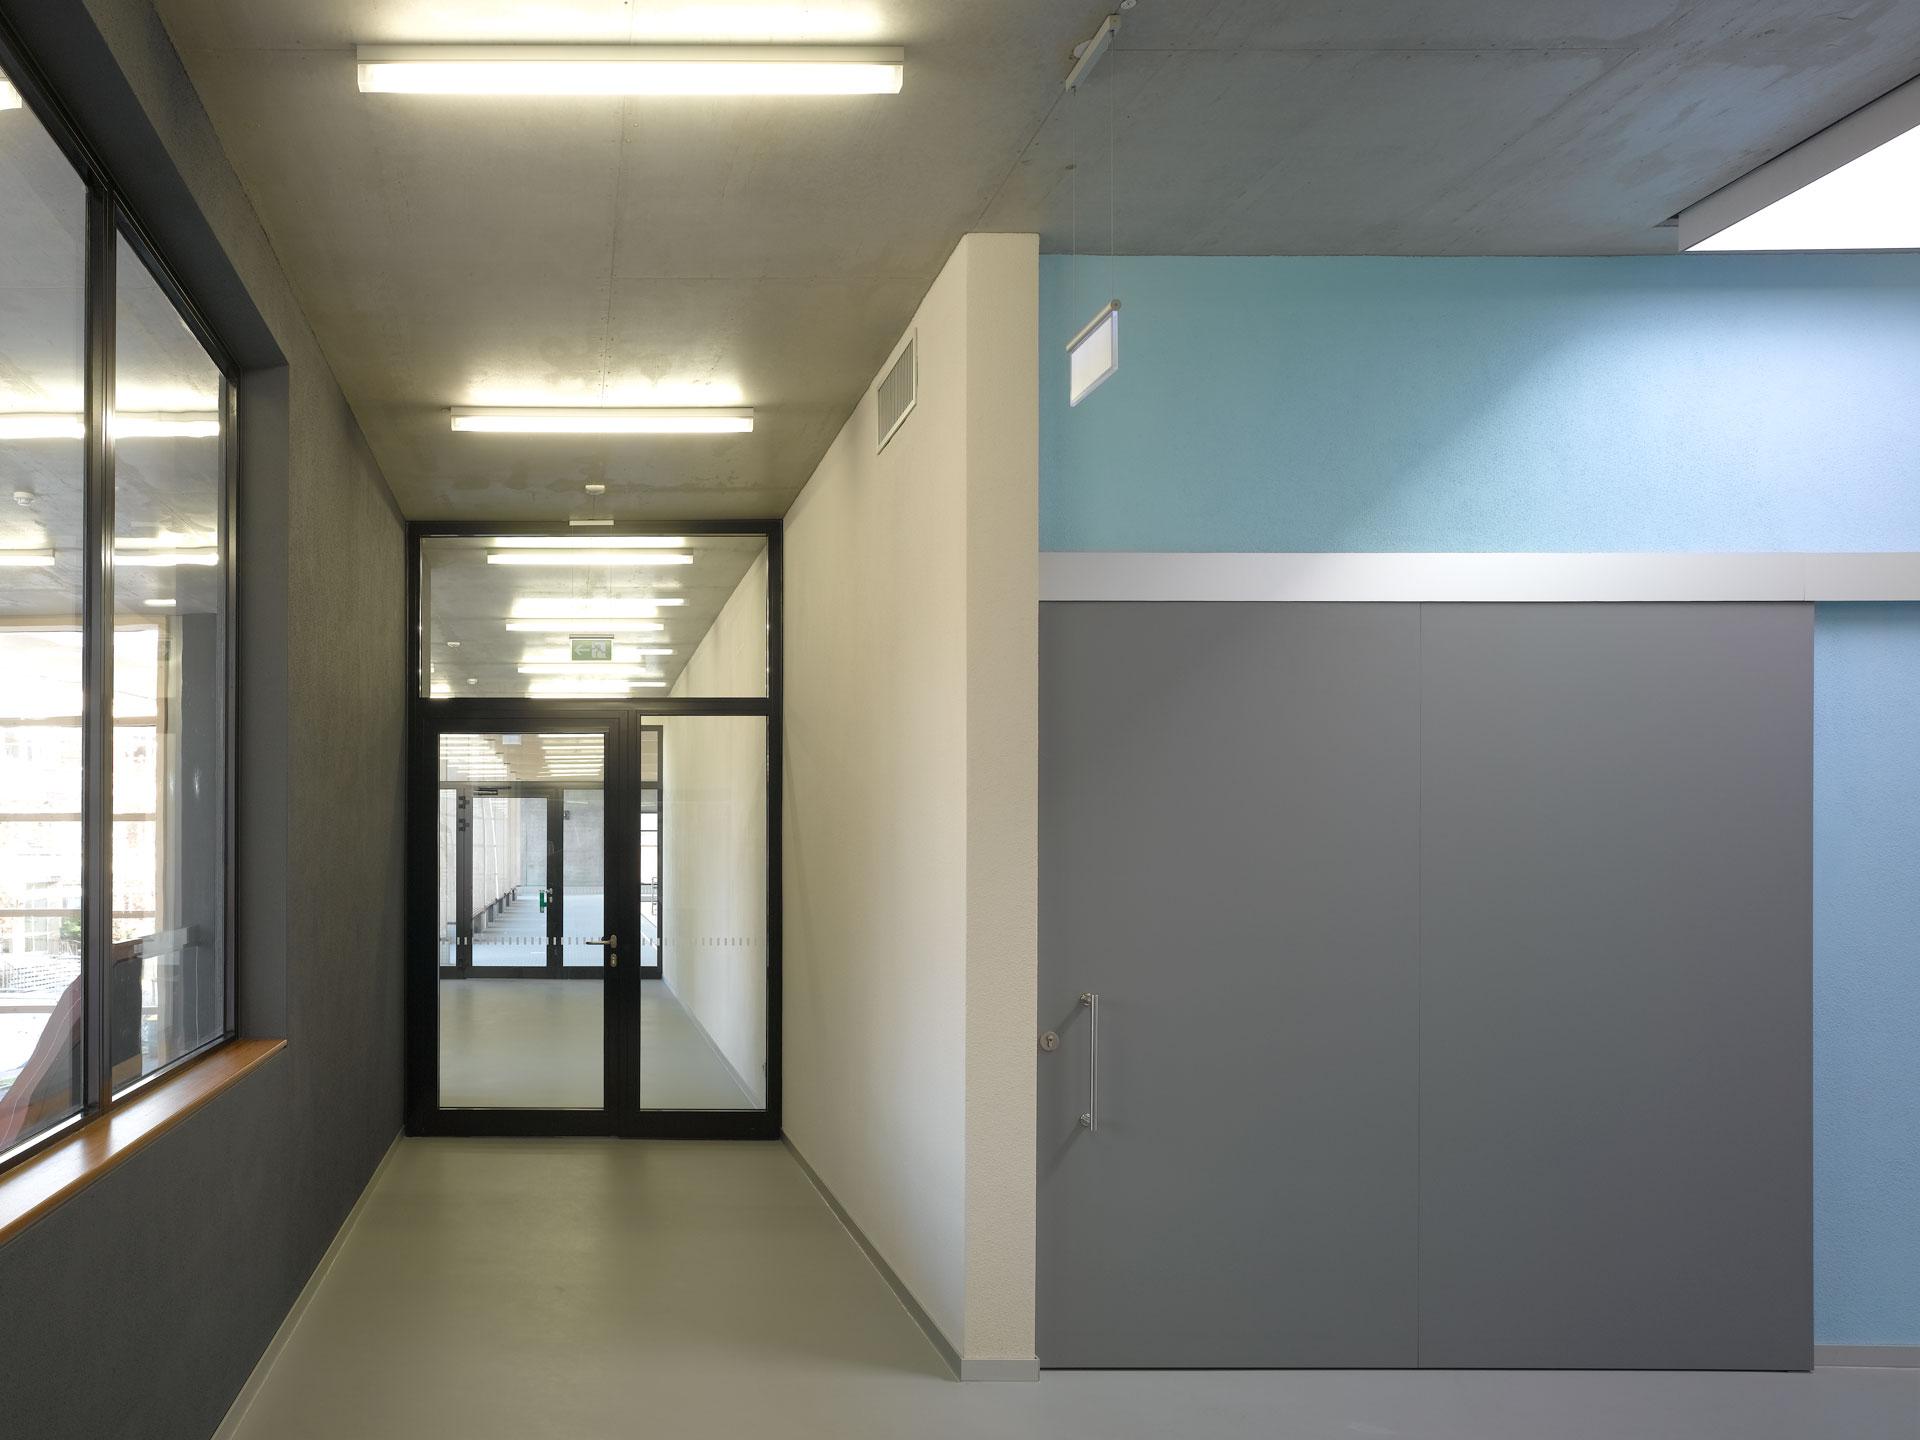 Hallenbad Neubau, Umkleide & Flur